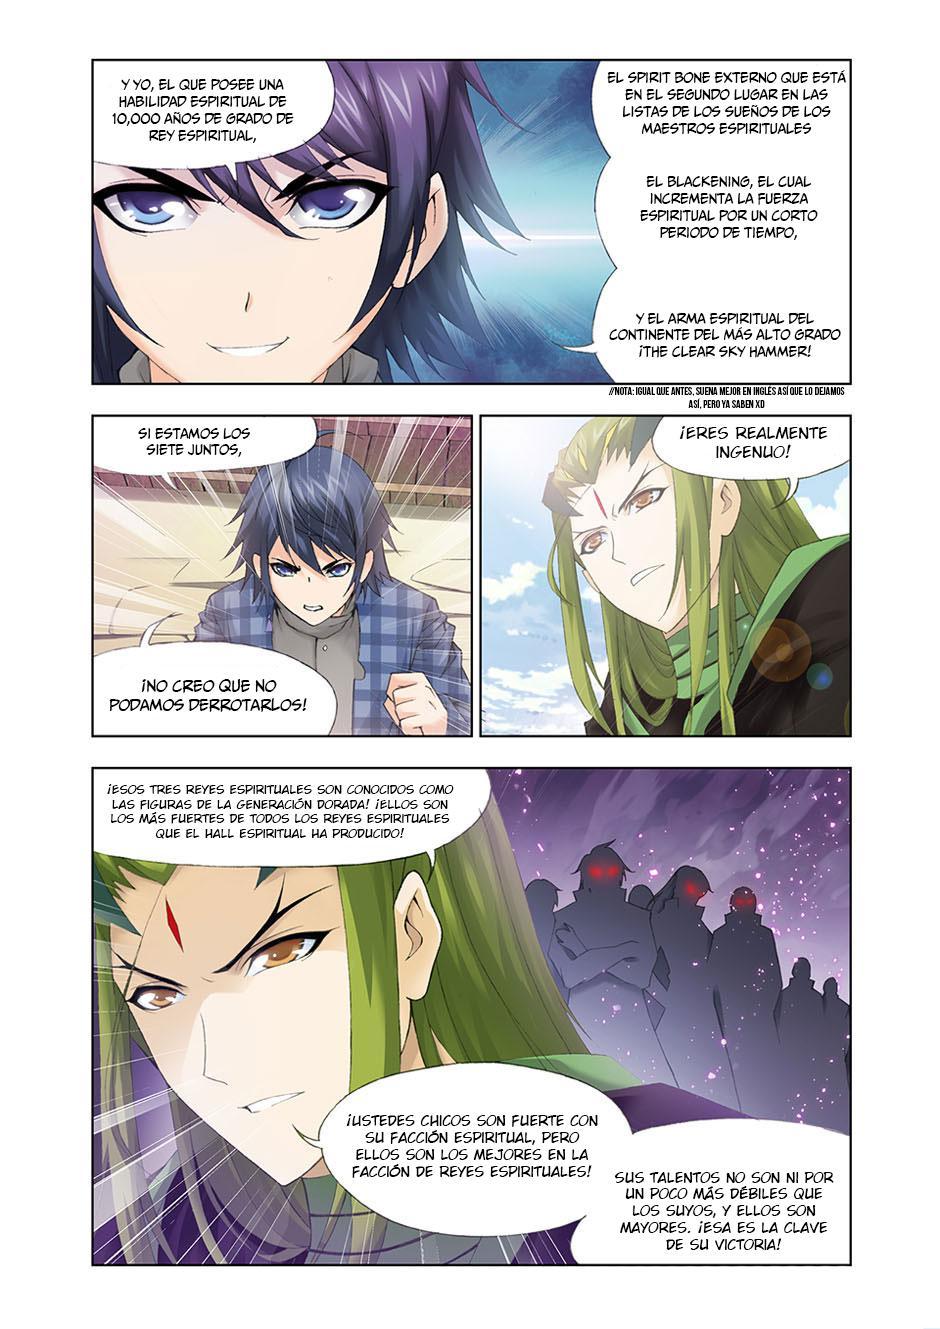 https://c5.ninemanga.com/es_manga/18/16210/417006/21ea0396c61ba3b8f89aa0a75a1a36a7.jpg Page 6